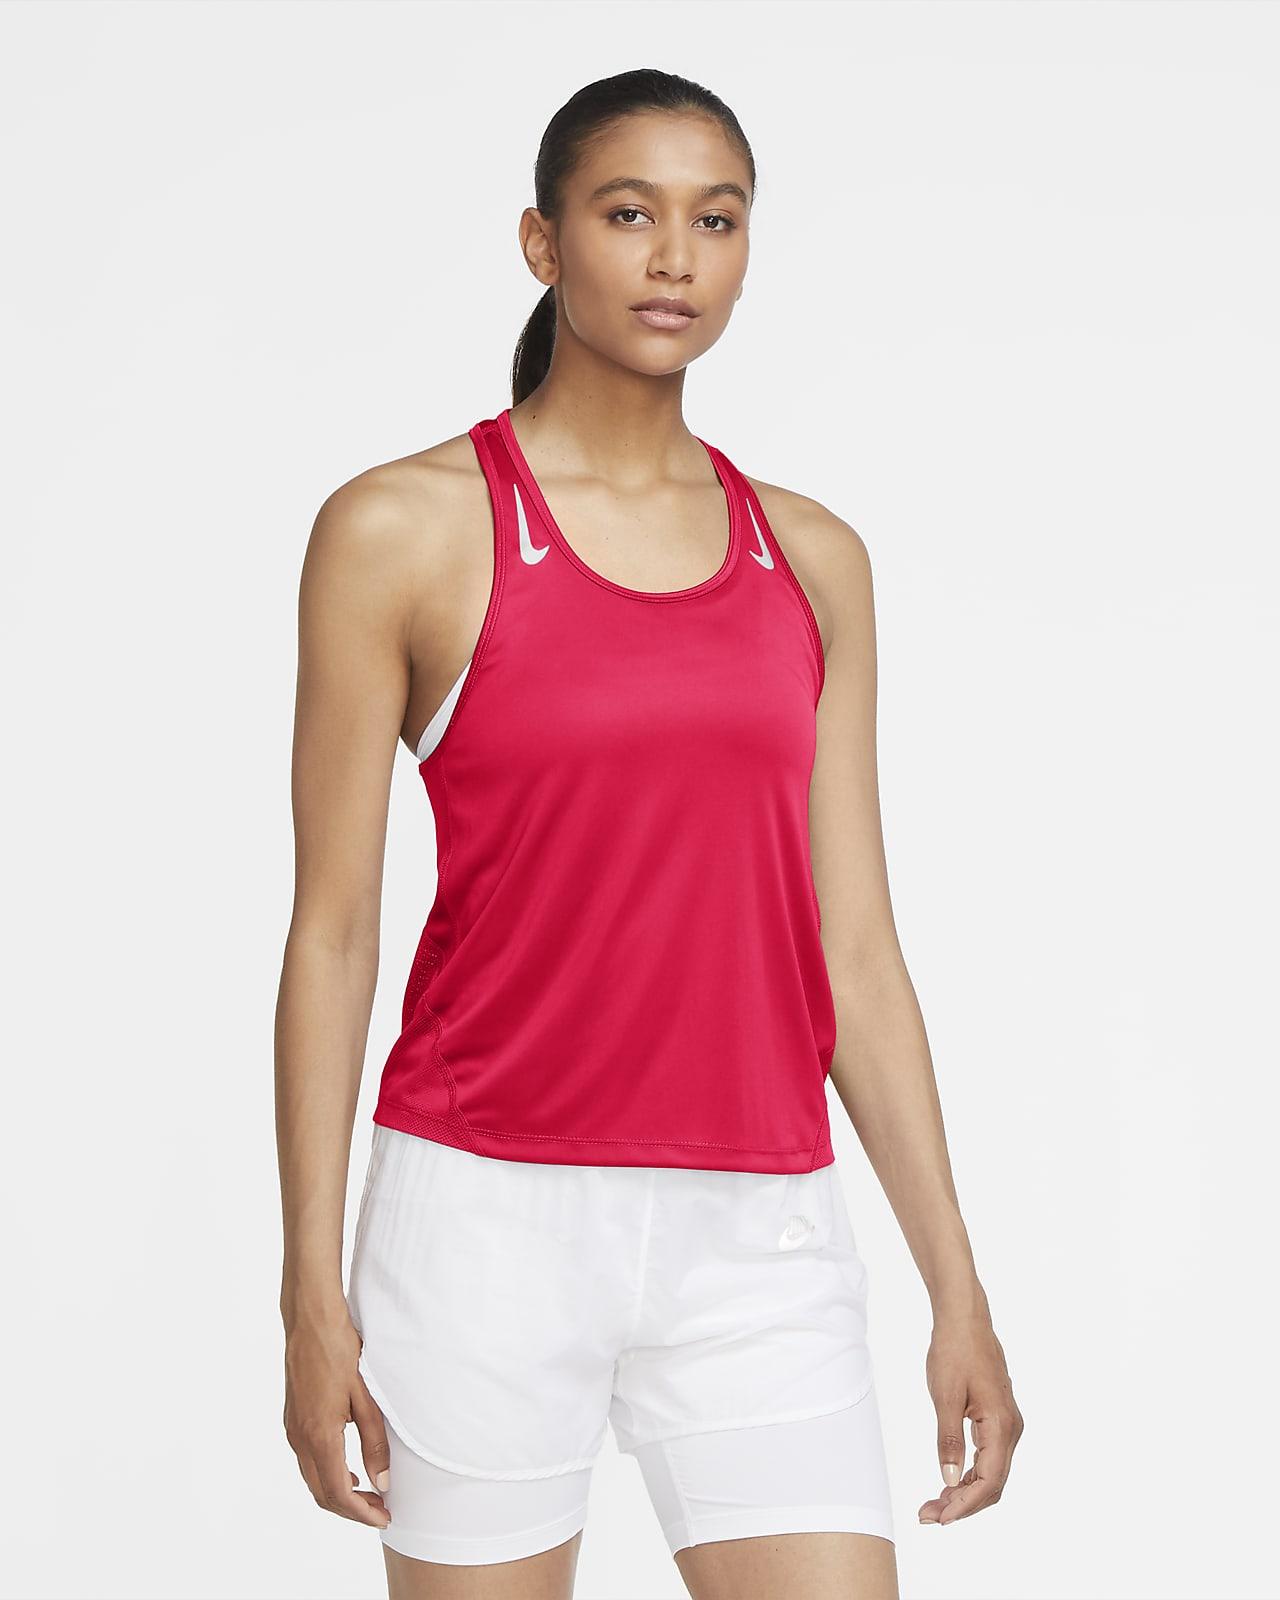 Nike Miler Women's Running Gilet